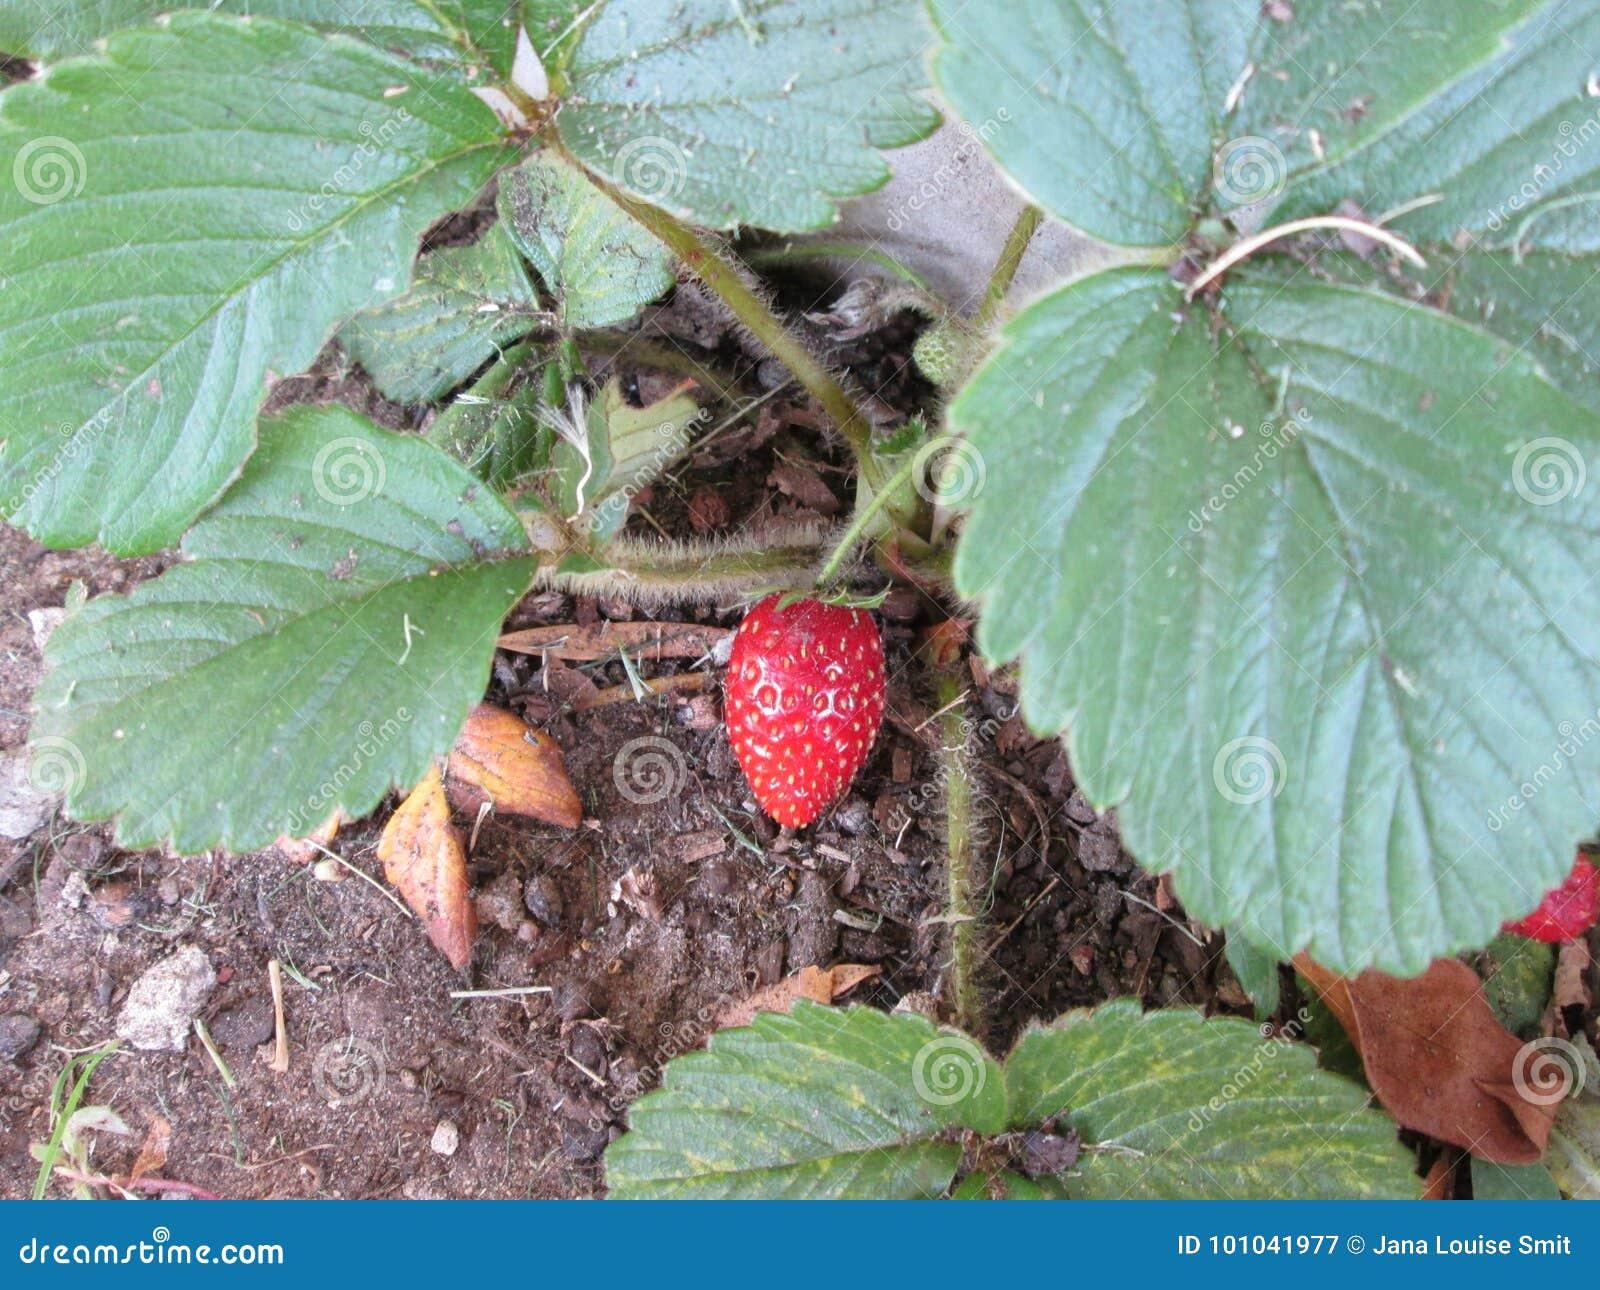 Pianta di fragola con frutta matura immagine stock for Pianta fragole